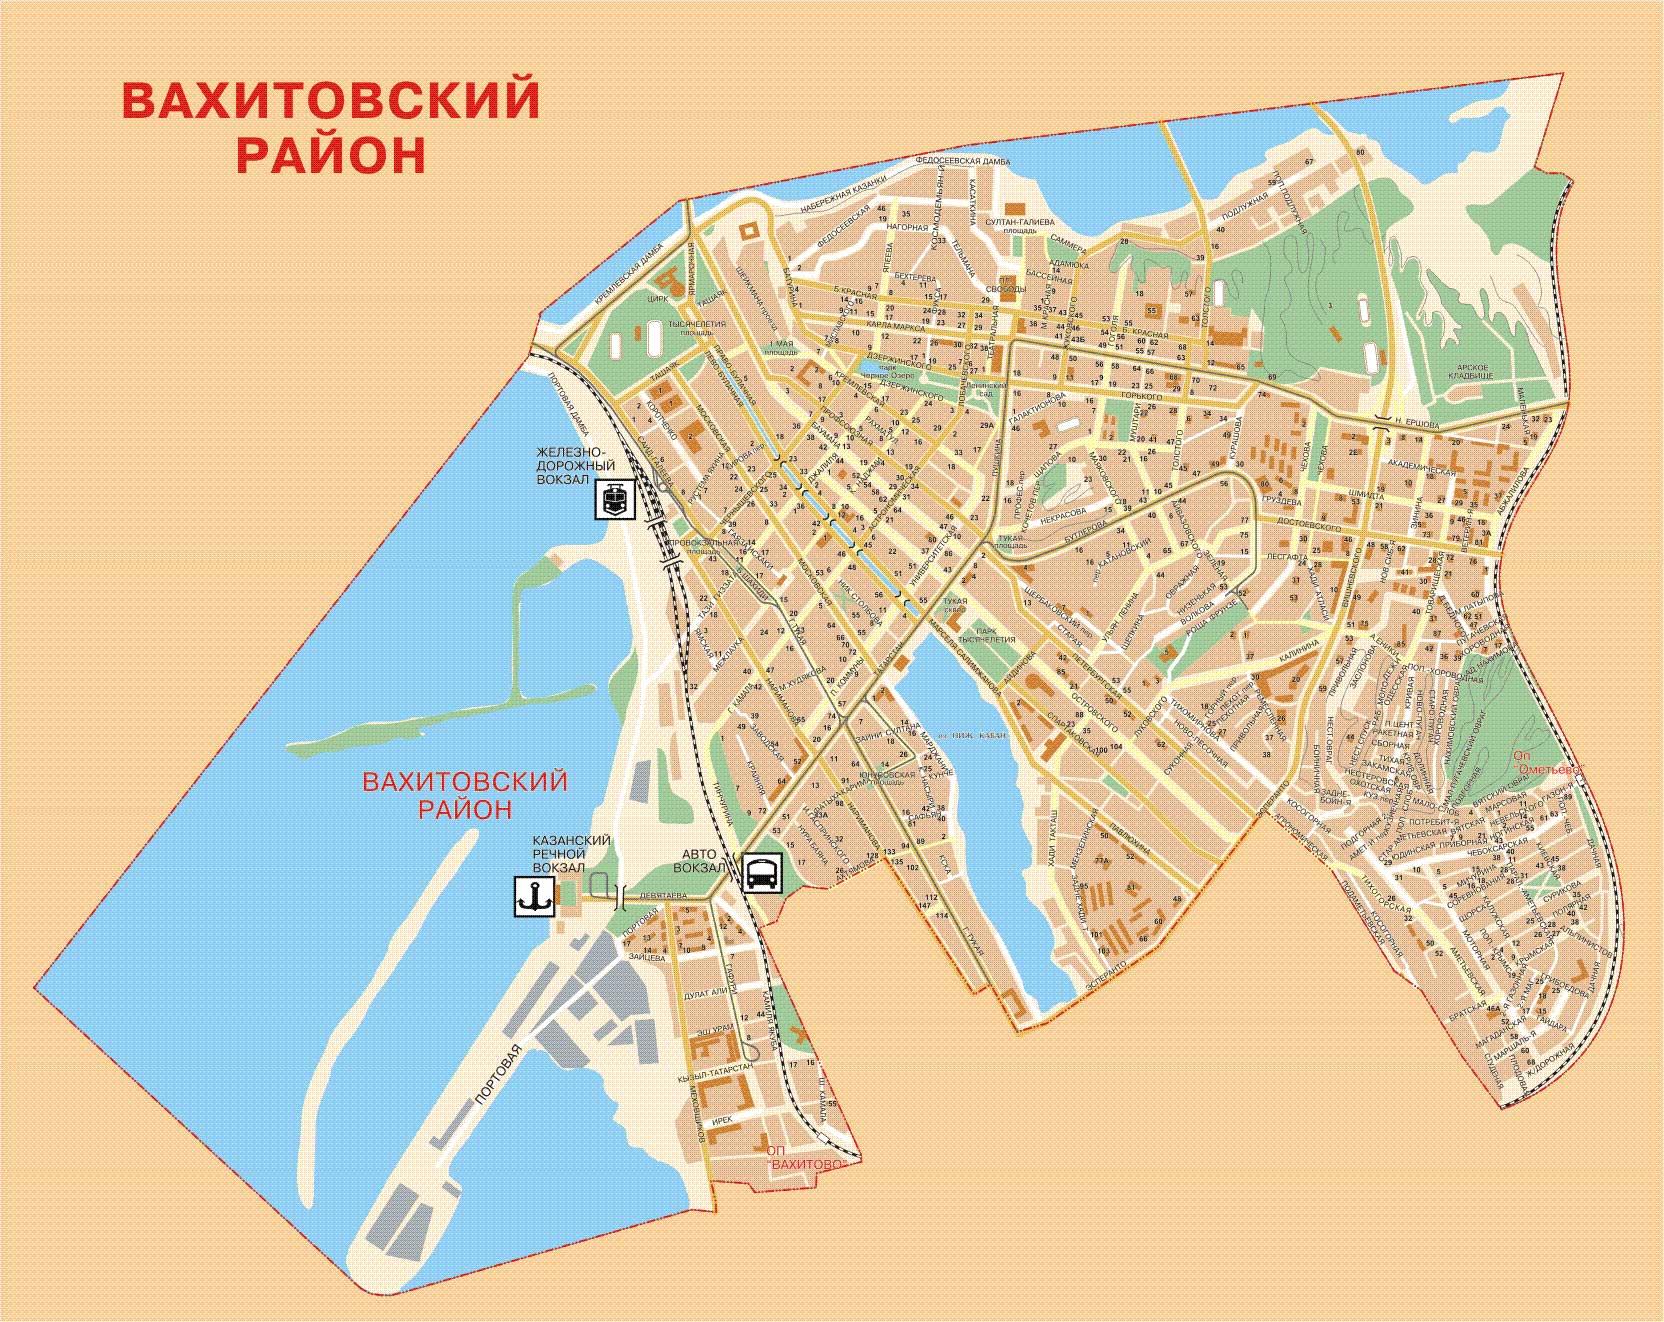 Шлюхи Москвы  элитные и дешевые проститутки Интим услуги